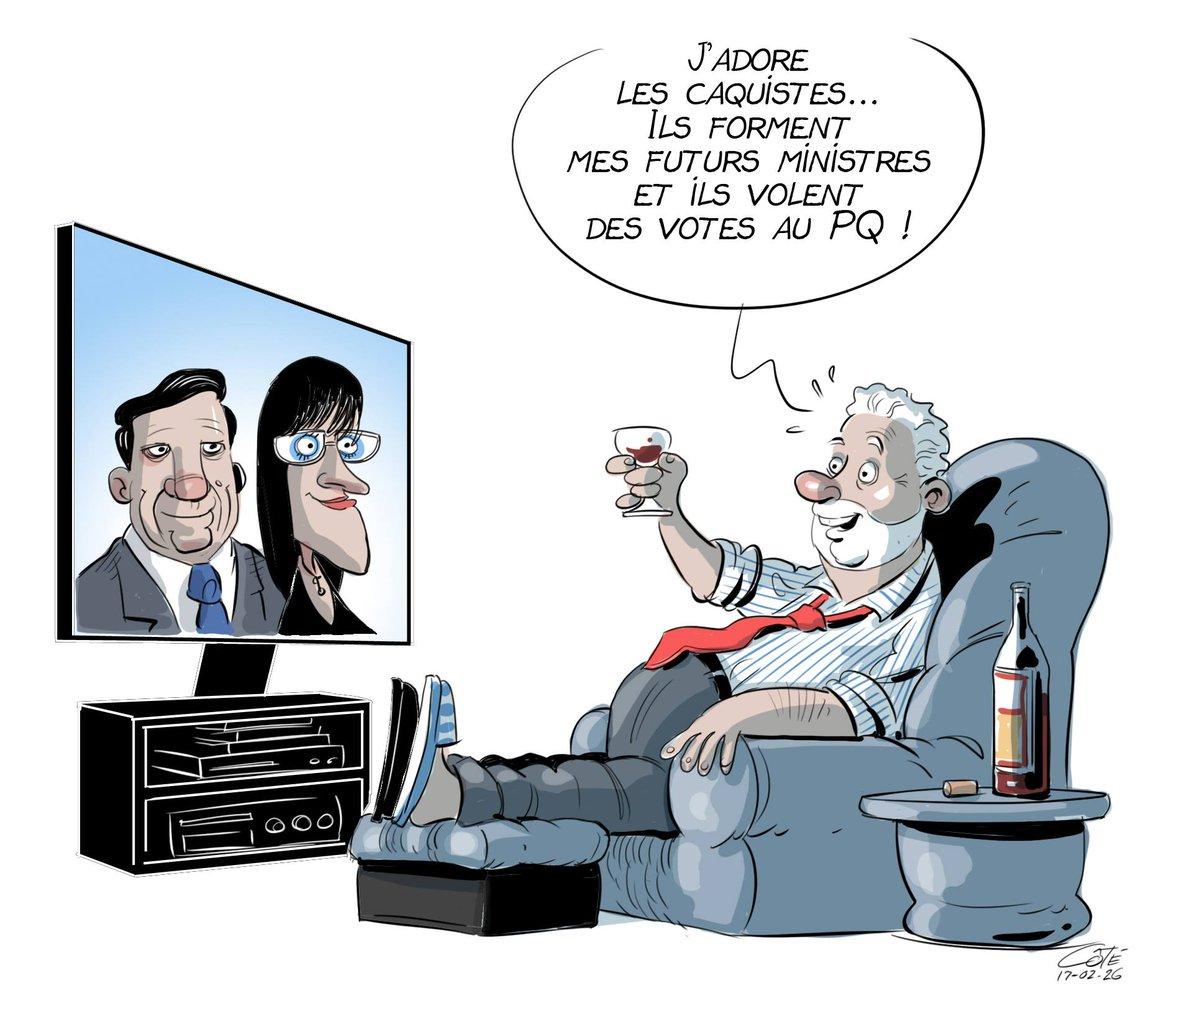 Sonia Lebel, la Procureure qui n&#39;a pas fait témoigner Bibeau et Charest à  la Commission Charbonneau ! #polqc #assnat #CAQ<br>http://pic.twitter.com/1MCyQZc5oT